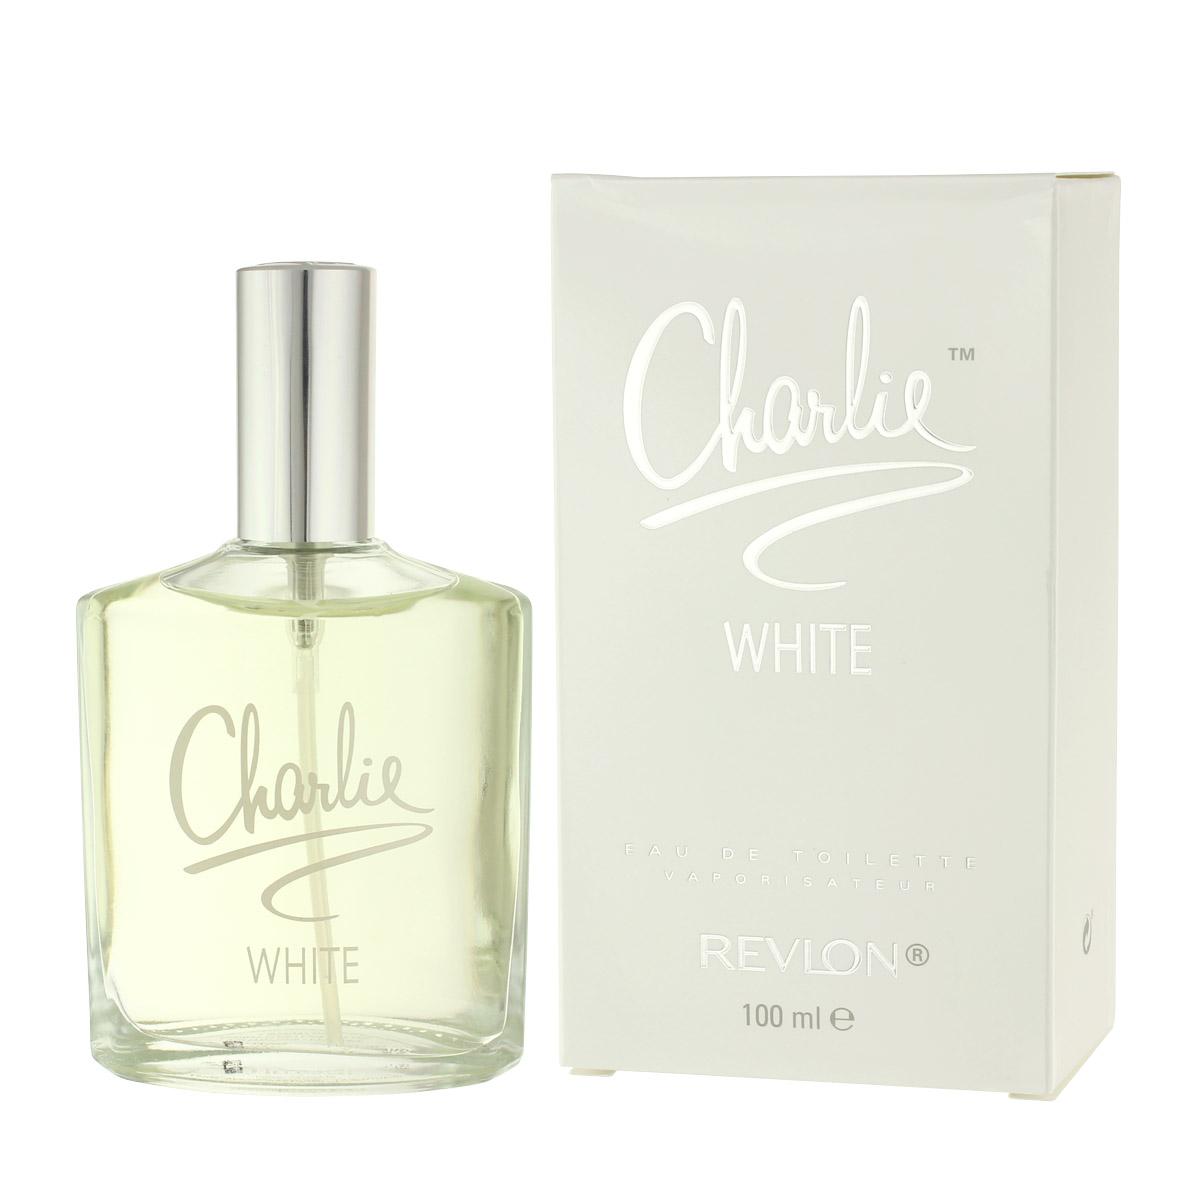 Revlon Charlie White EDT 100 ml W